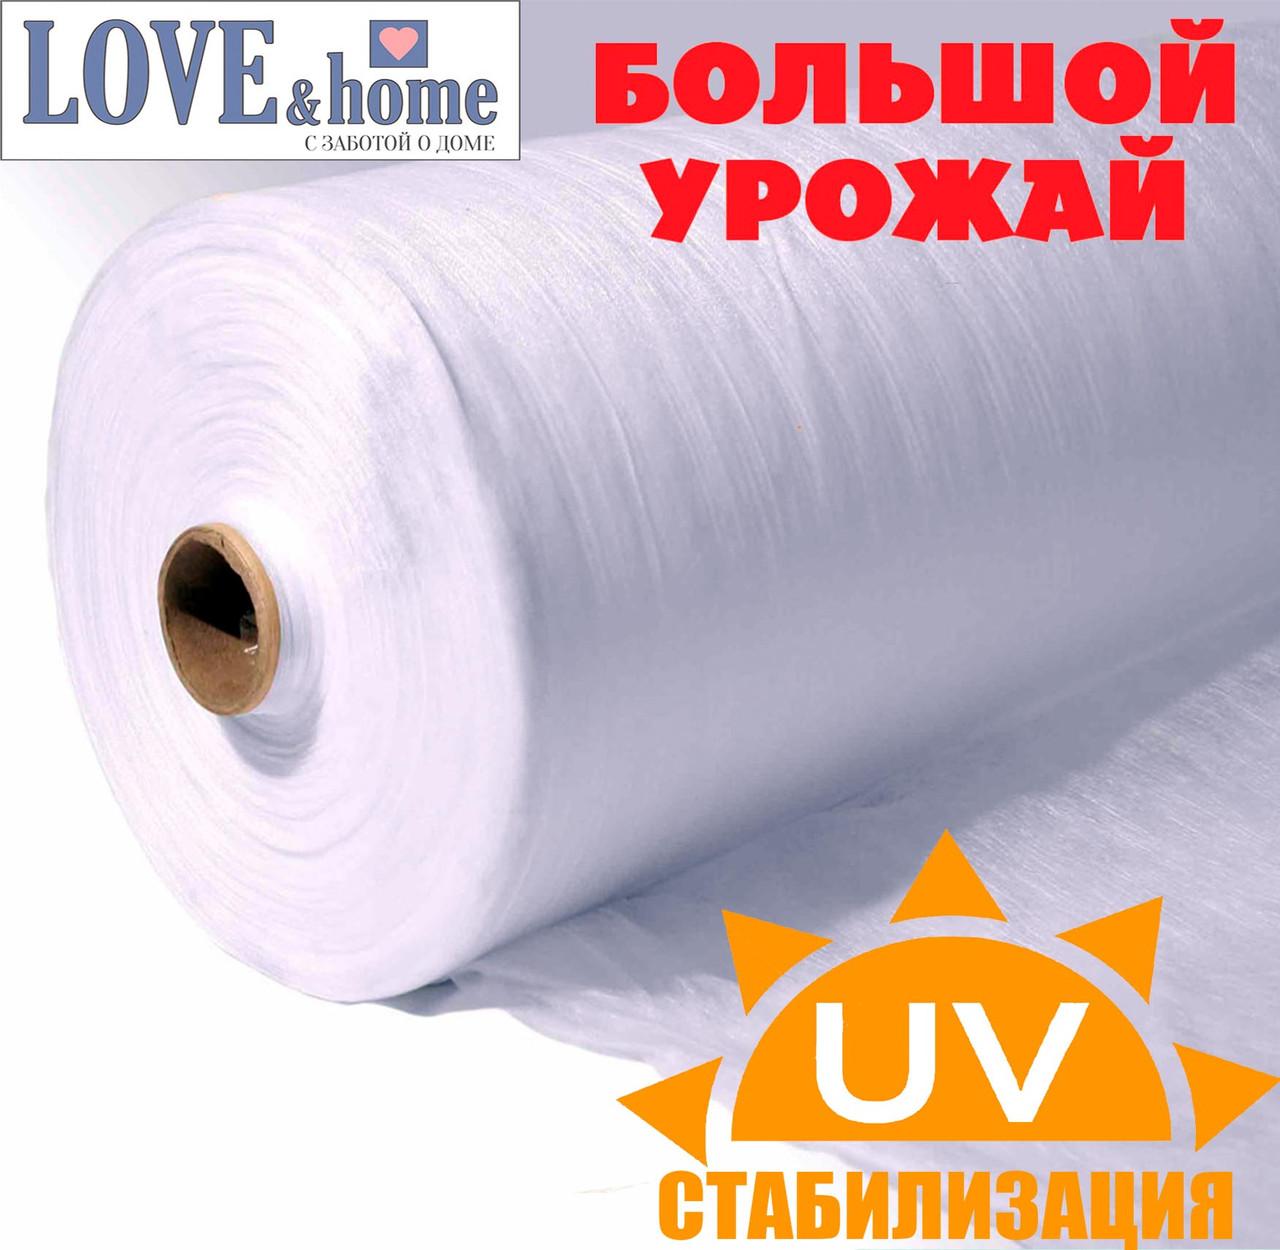 Агроволокно біле, щільність 30г/м2. ширина 12.6 м. довжина 100м.